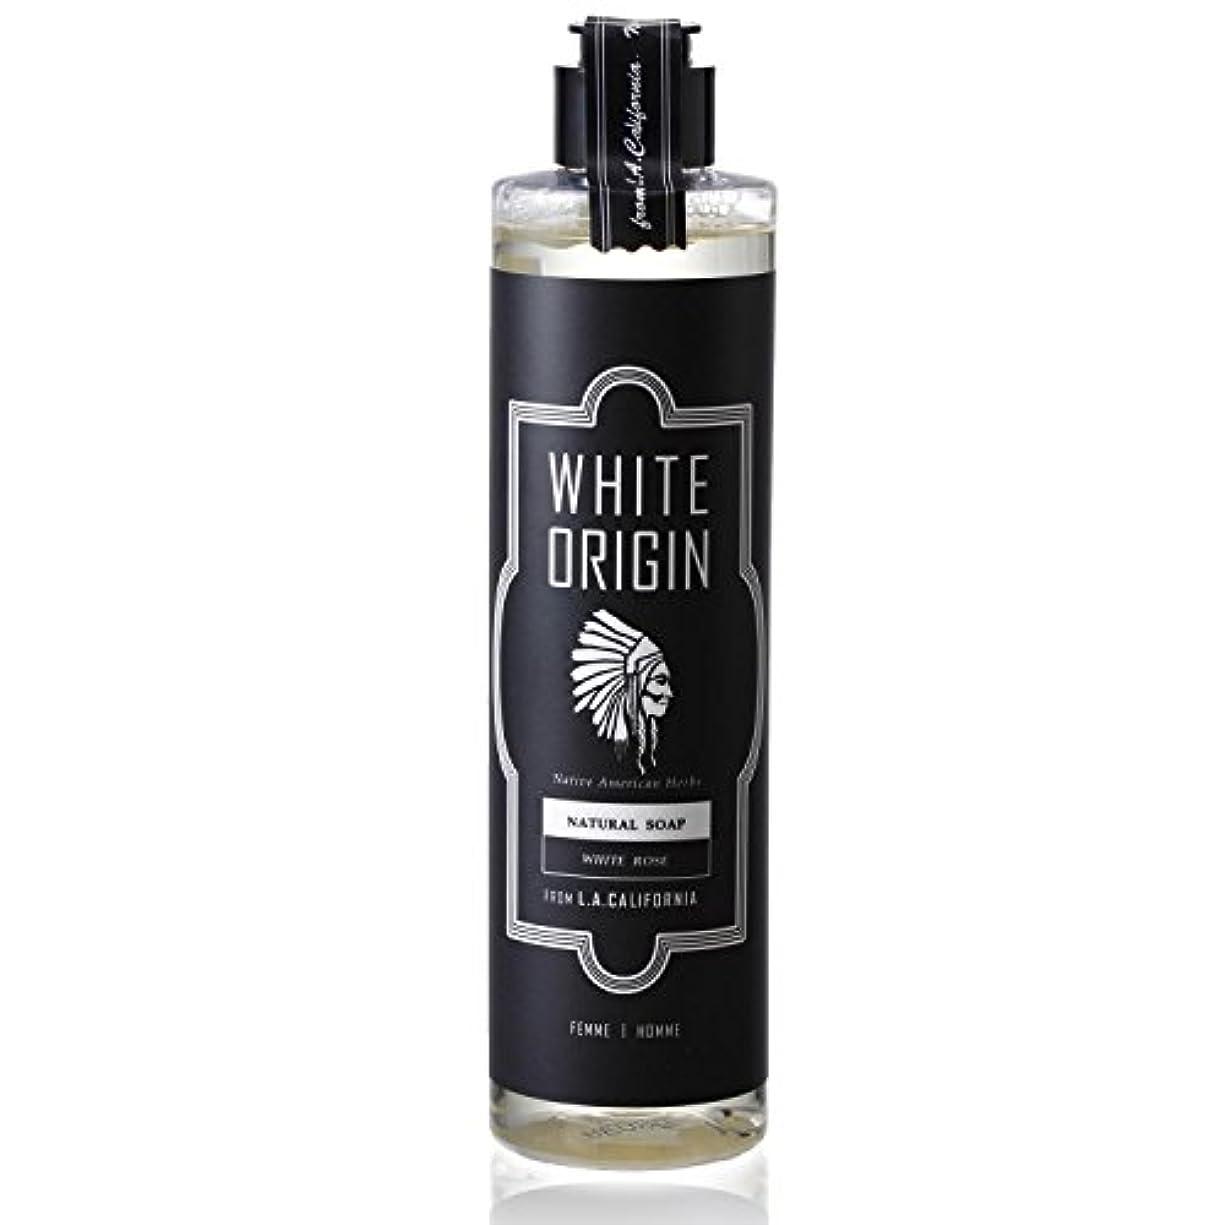 基礎十億つばWHITE ORIGIN ボディソープ 300ml 加齢臭 ケア オーガニック ナチュラル 男前 乾燥 ホワイトローズ